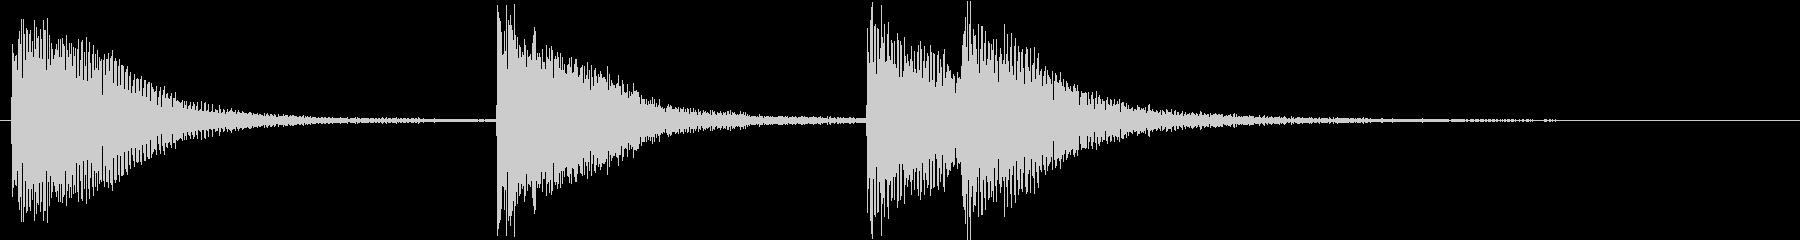 ピアノジングル 幼児向けアニメ系D-01の未再生の波形